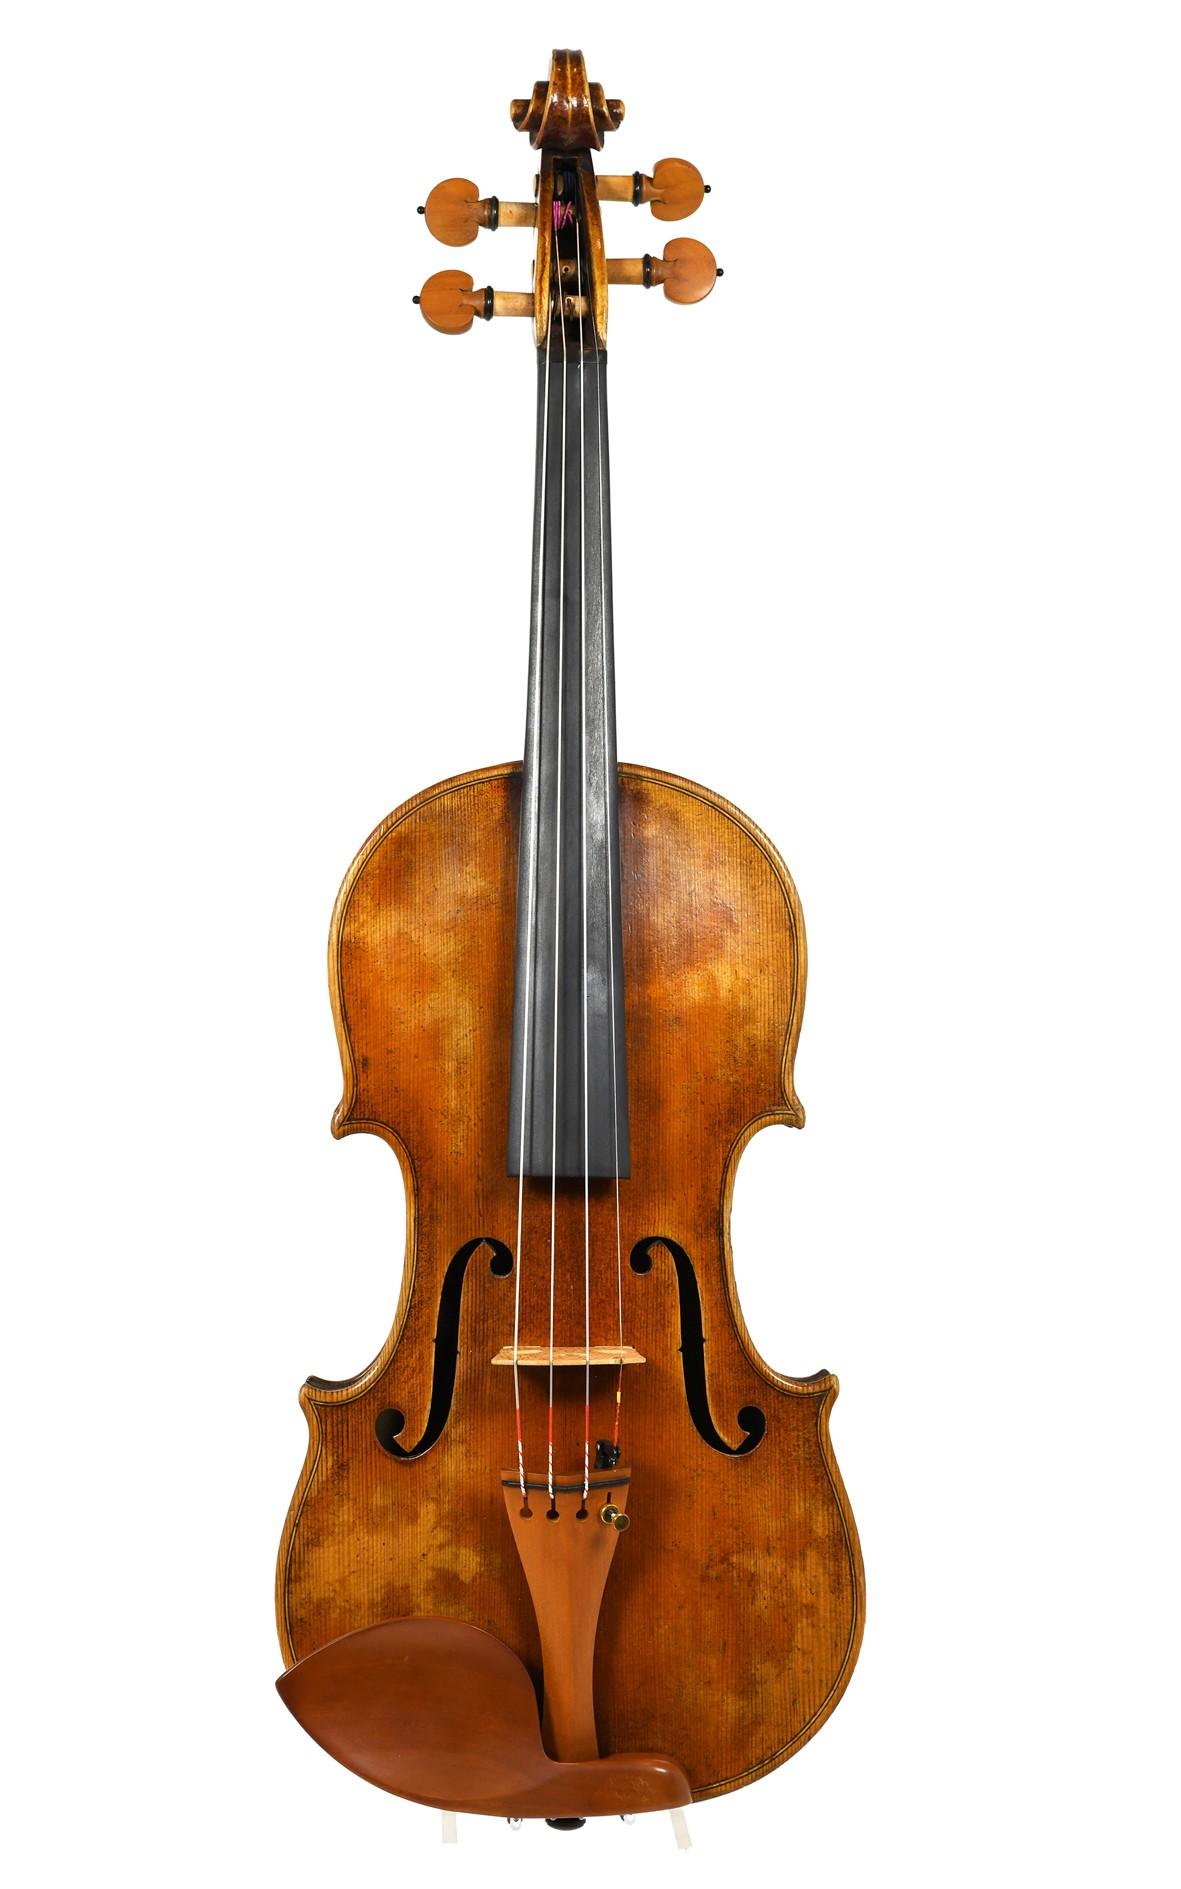 Damengeige, 7/8 Geige - Decke